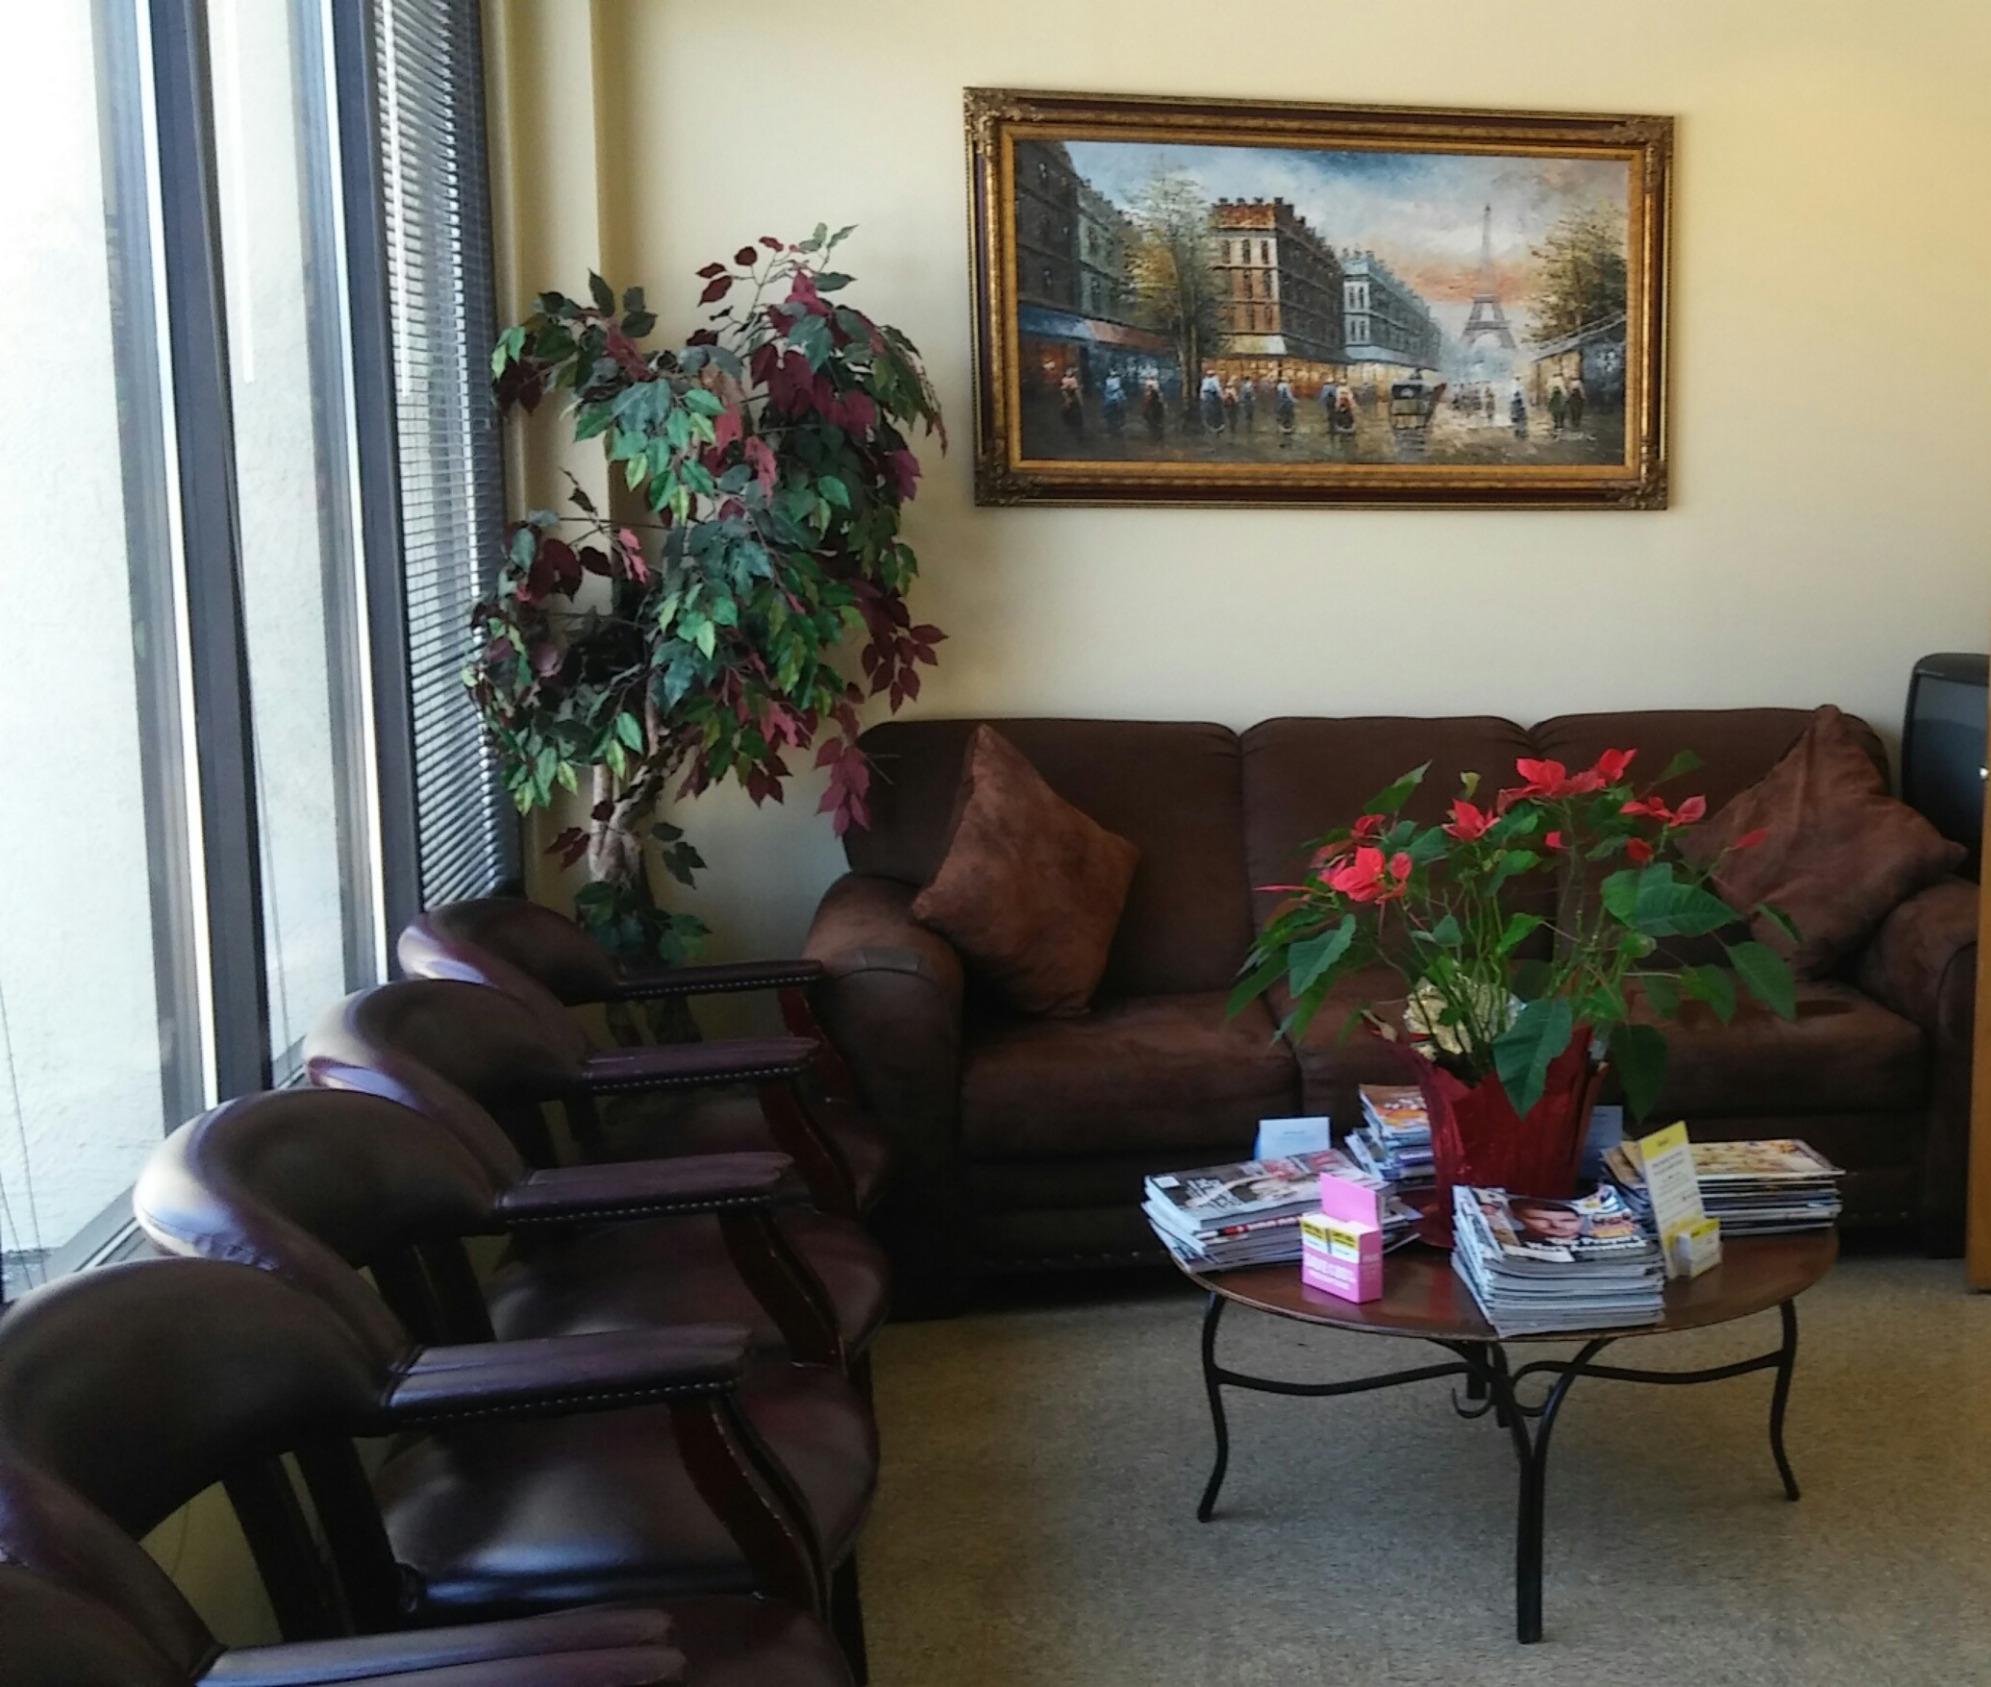 Podiatry Clinics Waiting Room